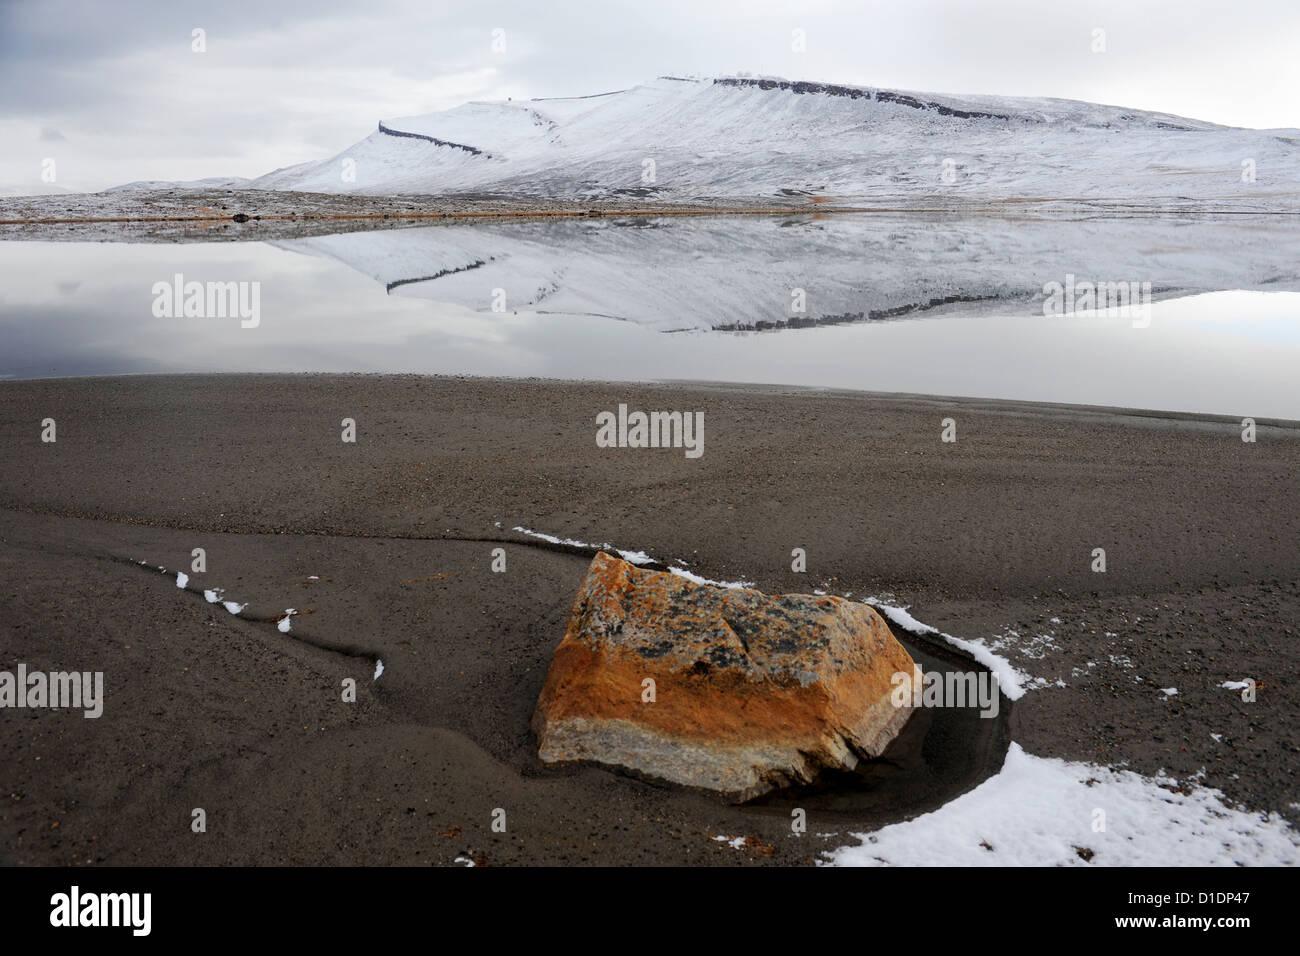 Reflexion von einem schneebedeckten Mount Dundas im Wasser 14. September 2012 in Dundas, Grönland. Stockbild